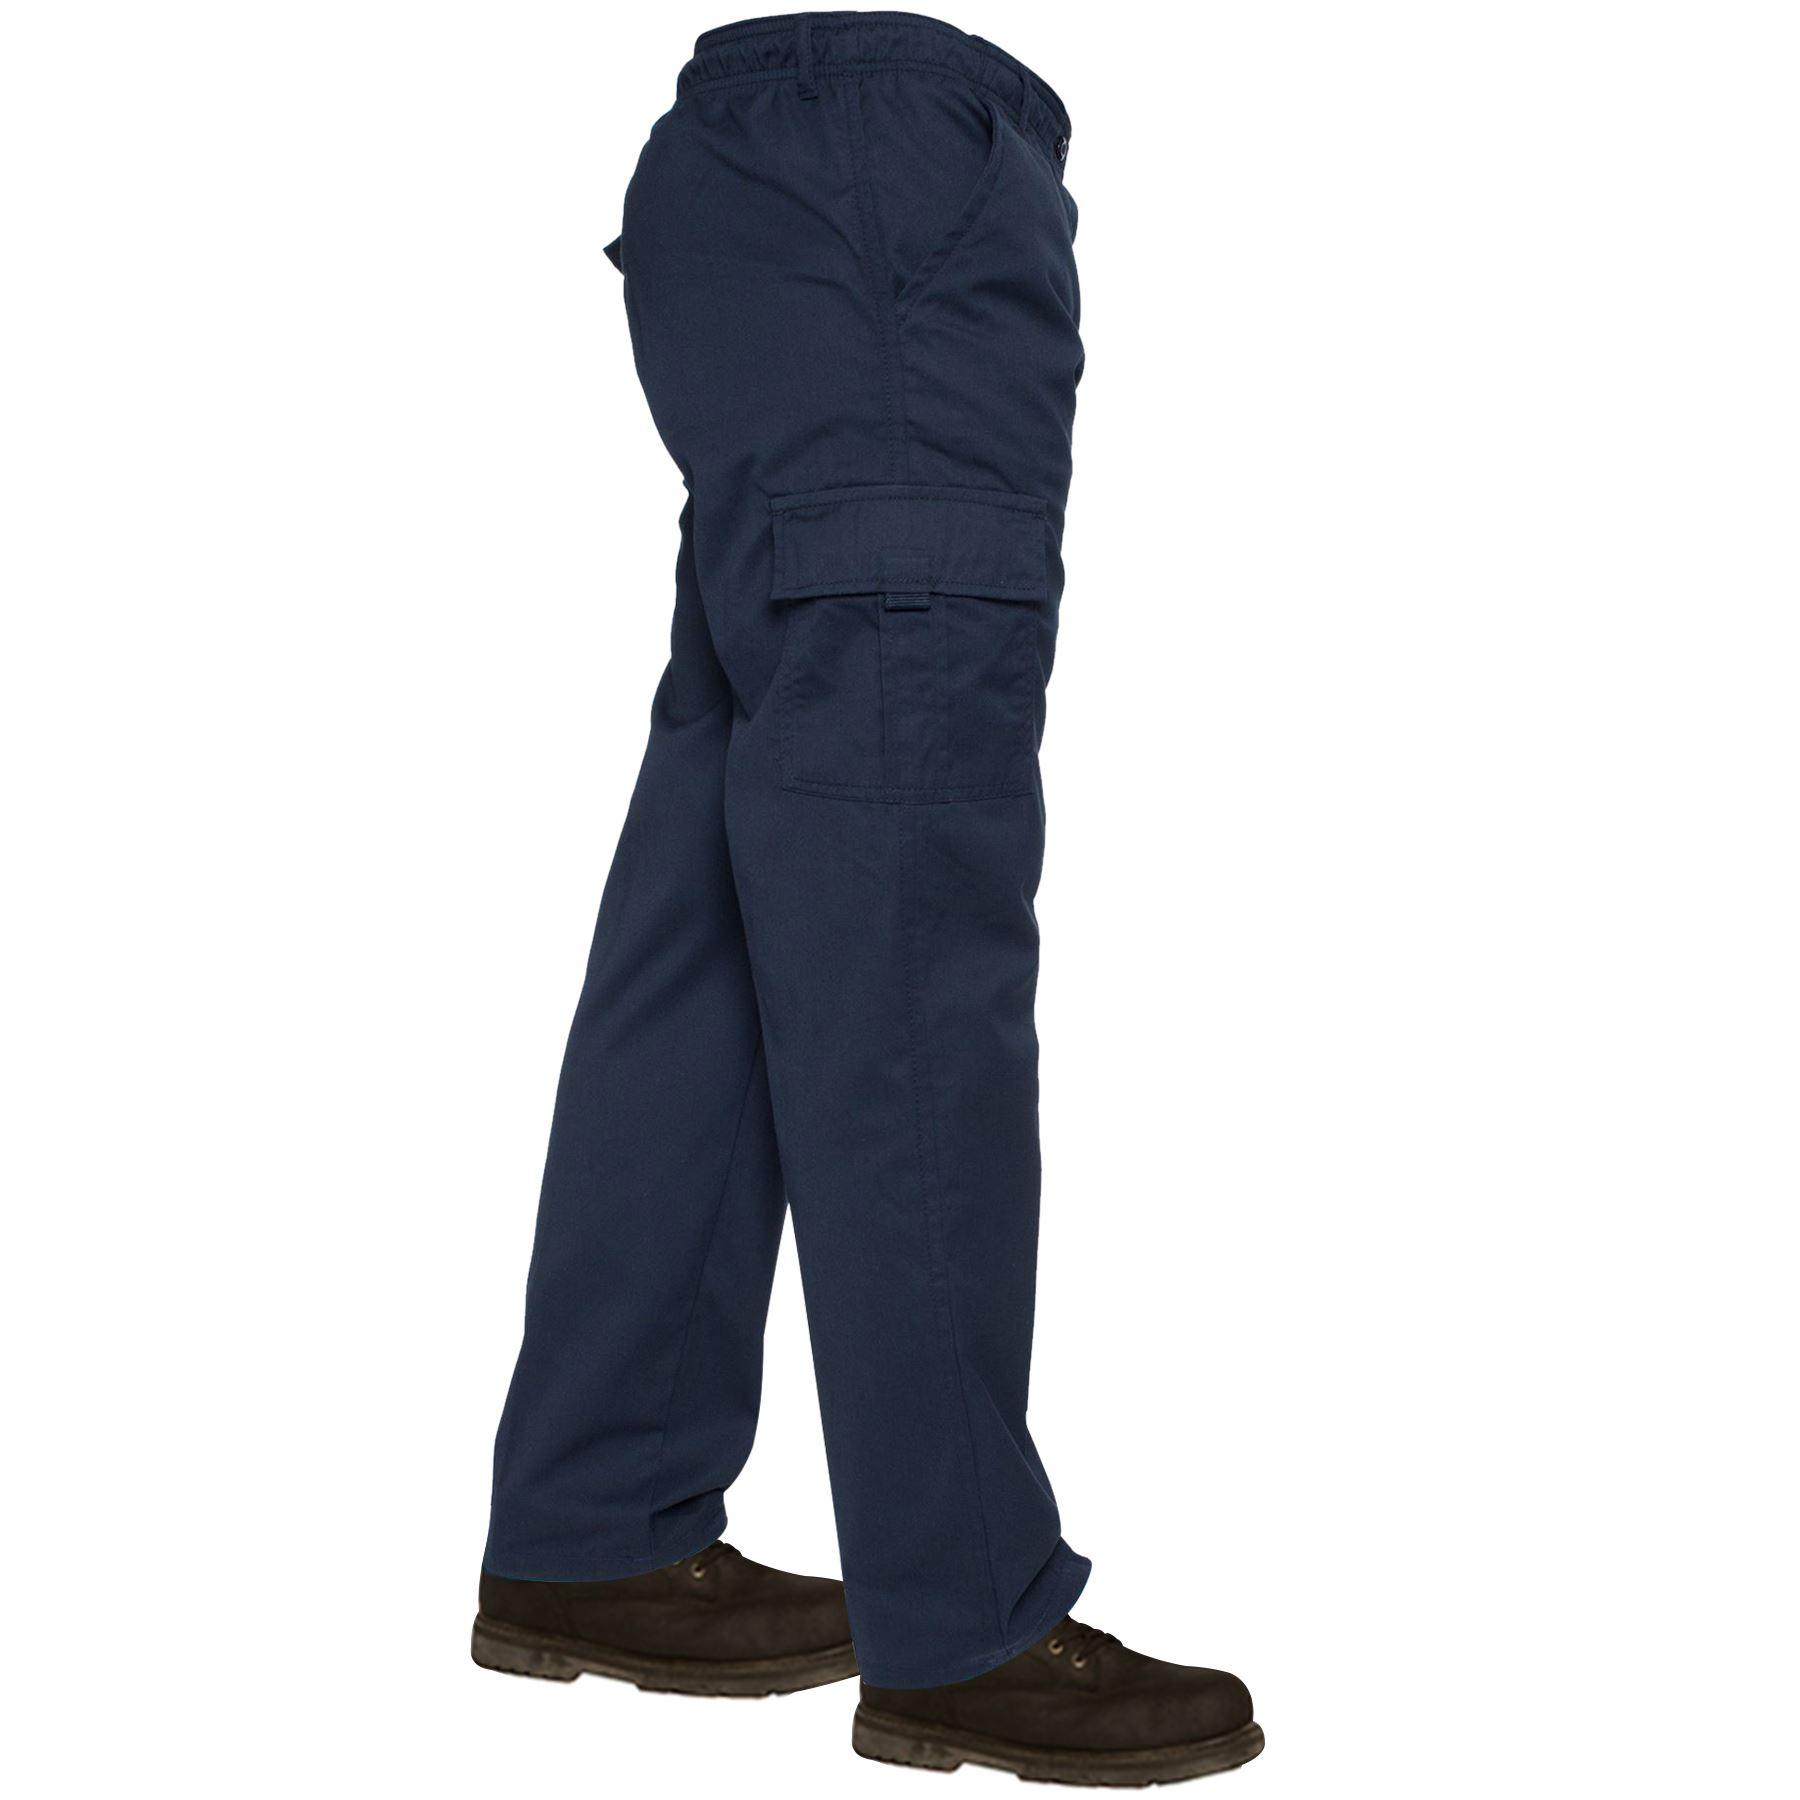 Mens-Lightweight-Elasticated-Waist-Cargo-Trousers-Combat-Work-Pants-Bottoms-New thumbnail 4